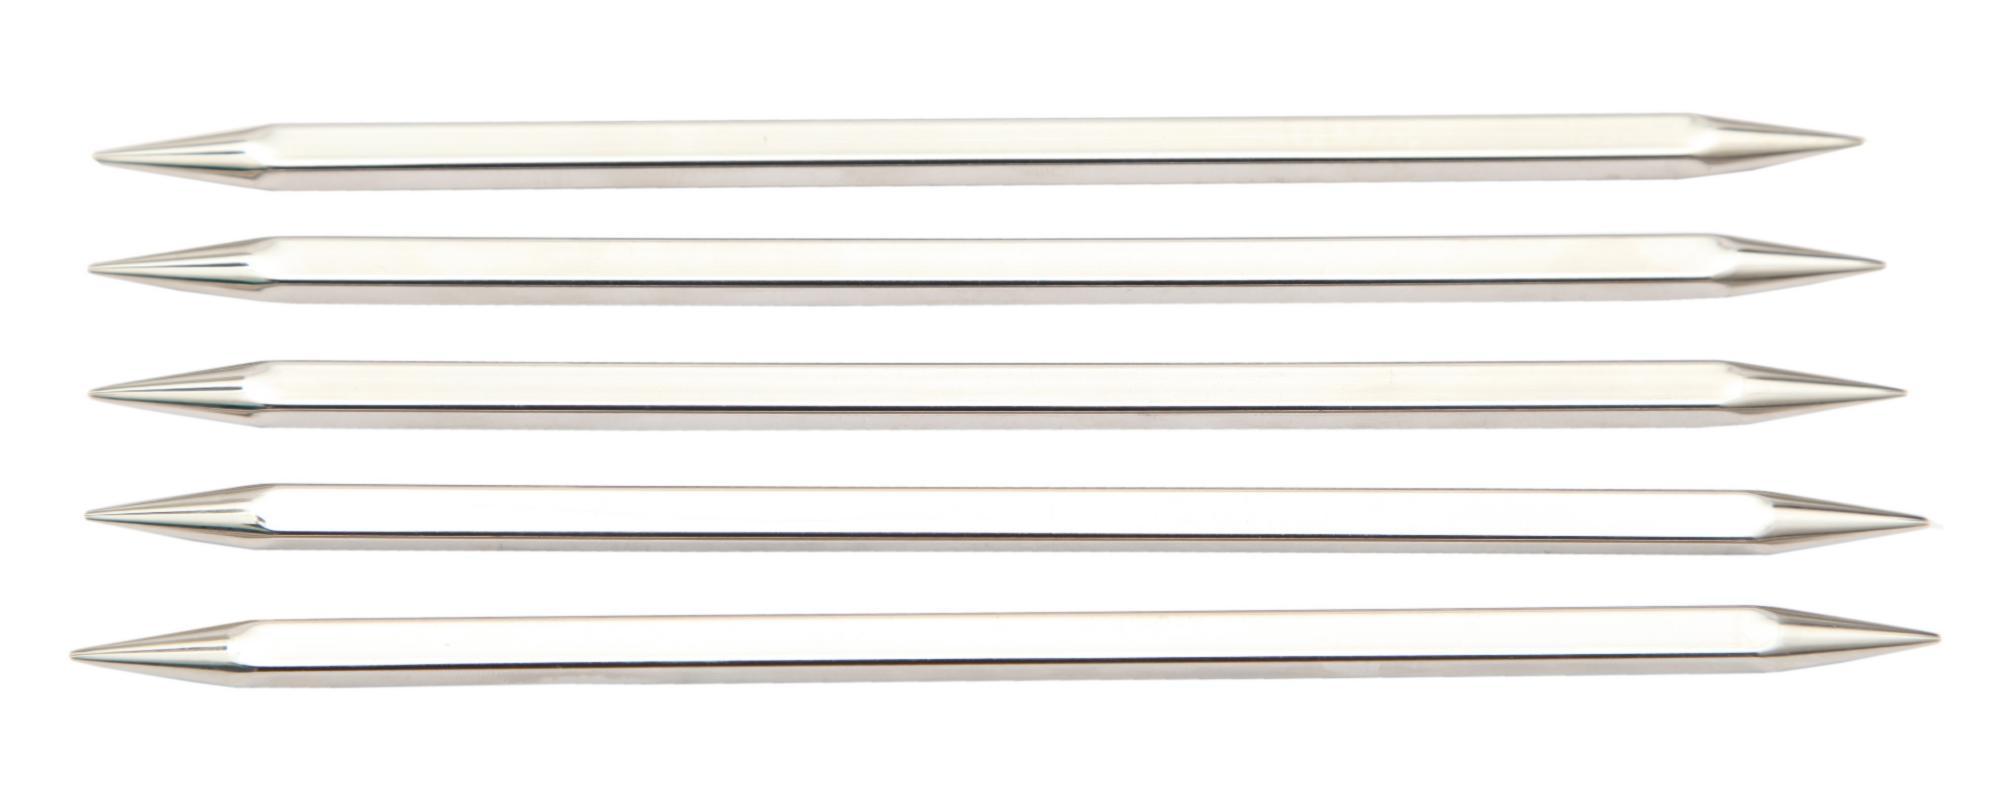 Спицы носочные 15 см Nova Cubics KnitPro, 12114, 6.50 мм